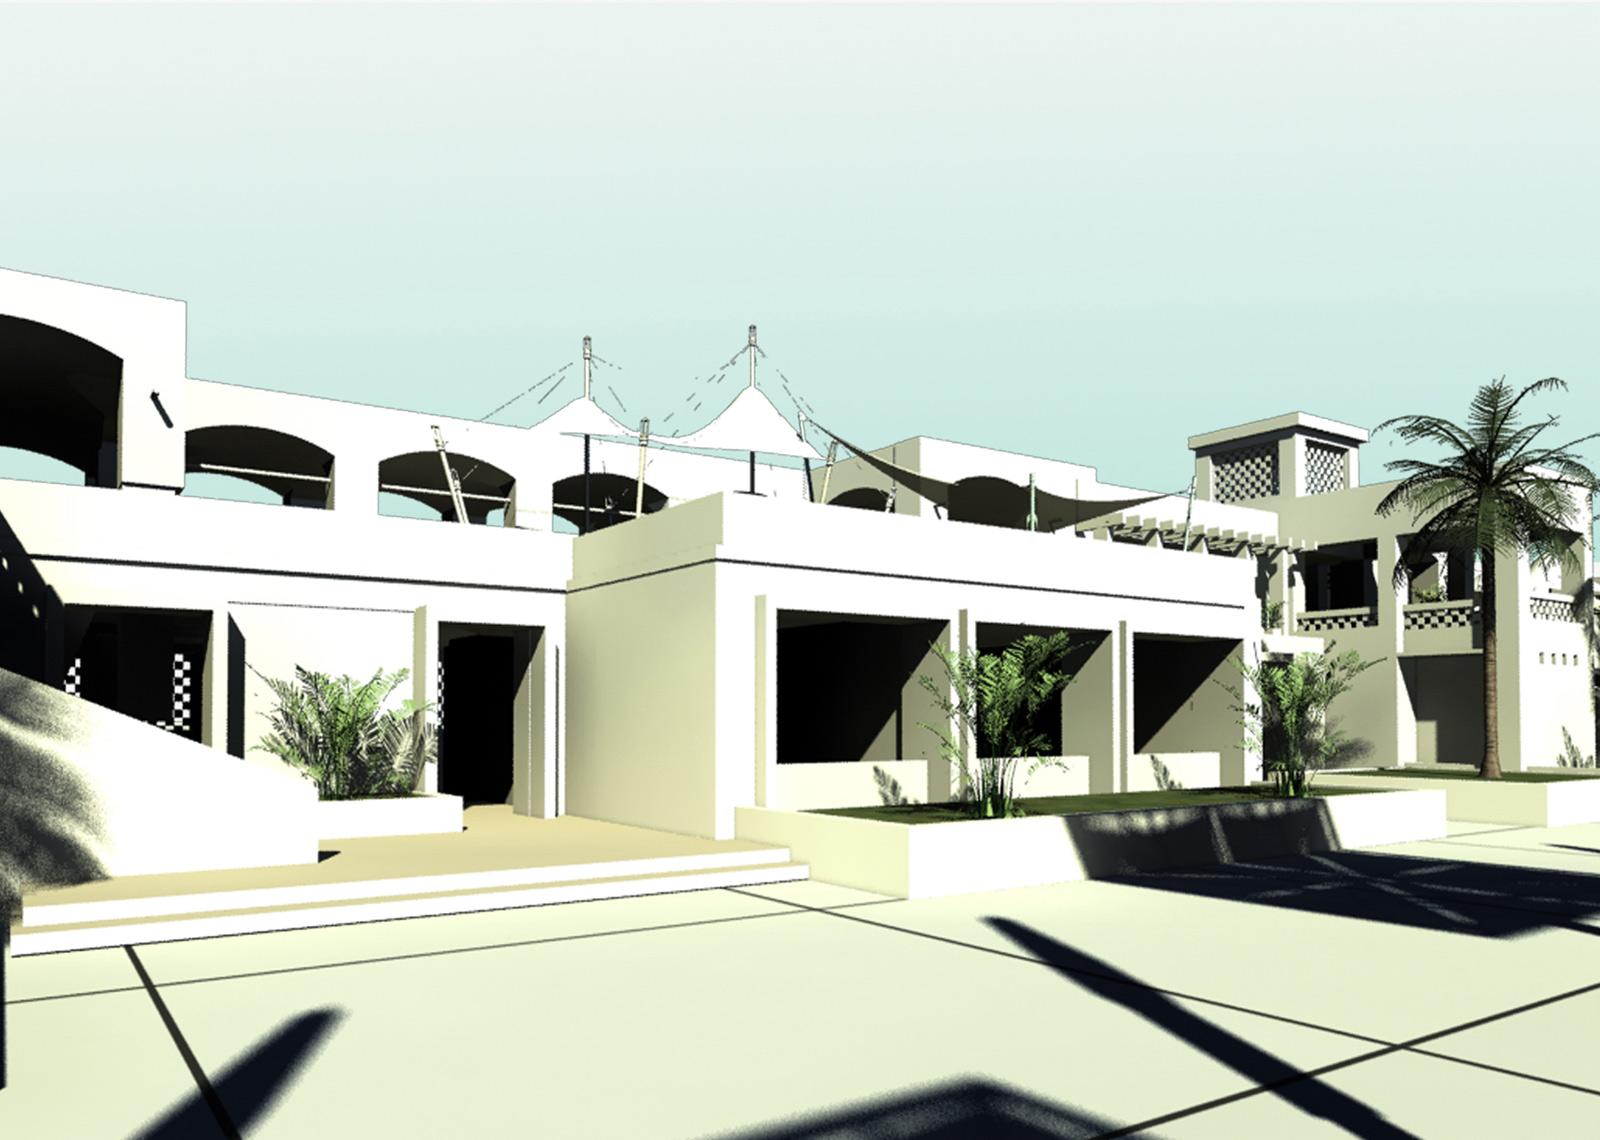 طرح ساماندهی بافت پیرامونی و توسعه مسجد جامع خرمشهر